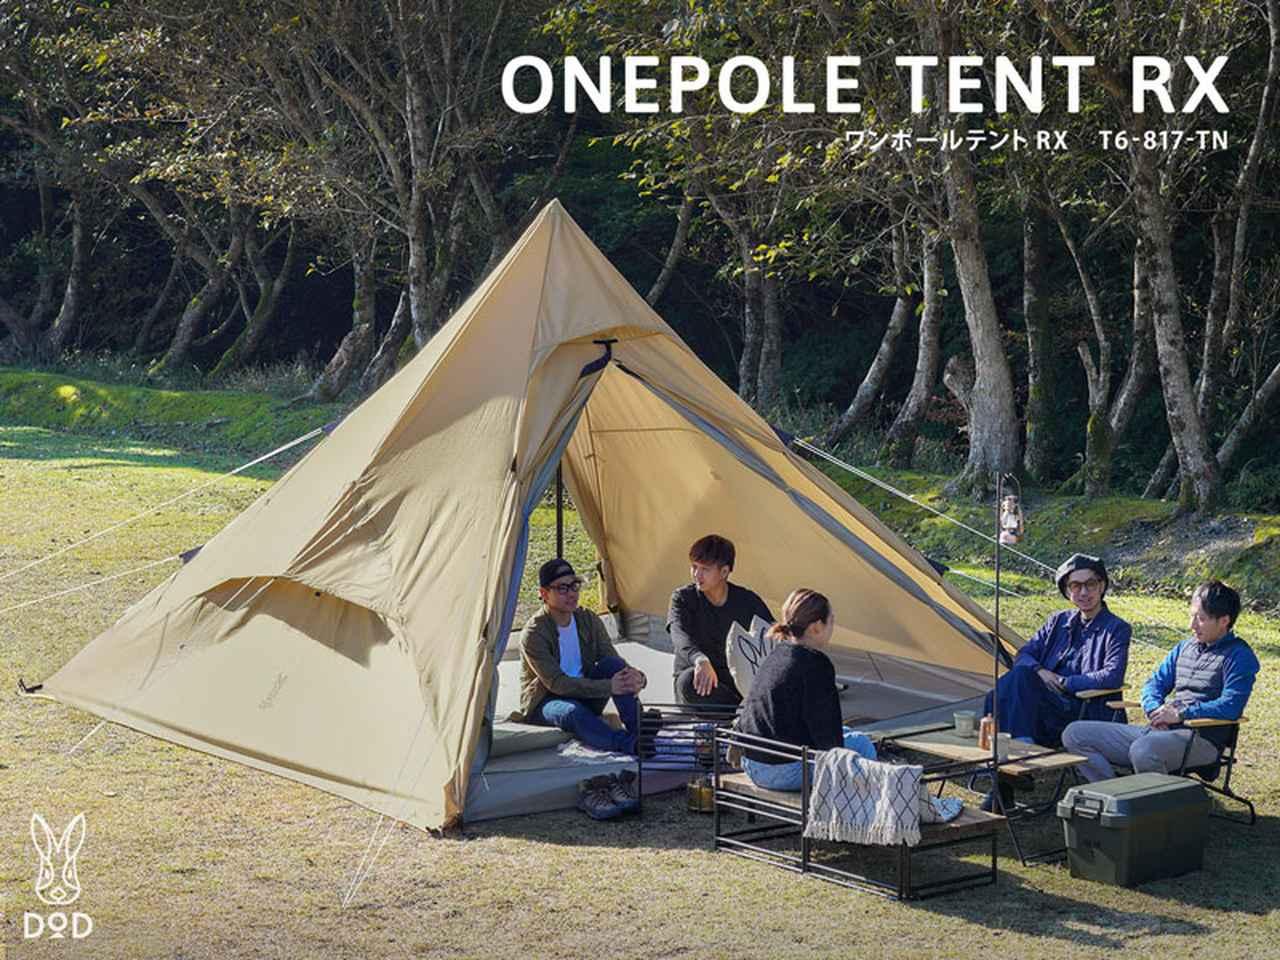 シンプルイズベストな最終形態。DODから圧倒的に立てやすいピラミット型テント「ワンポールテントRX」発売